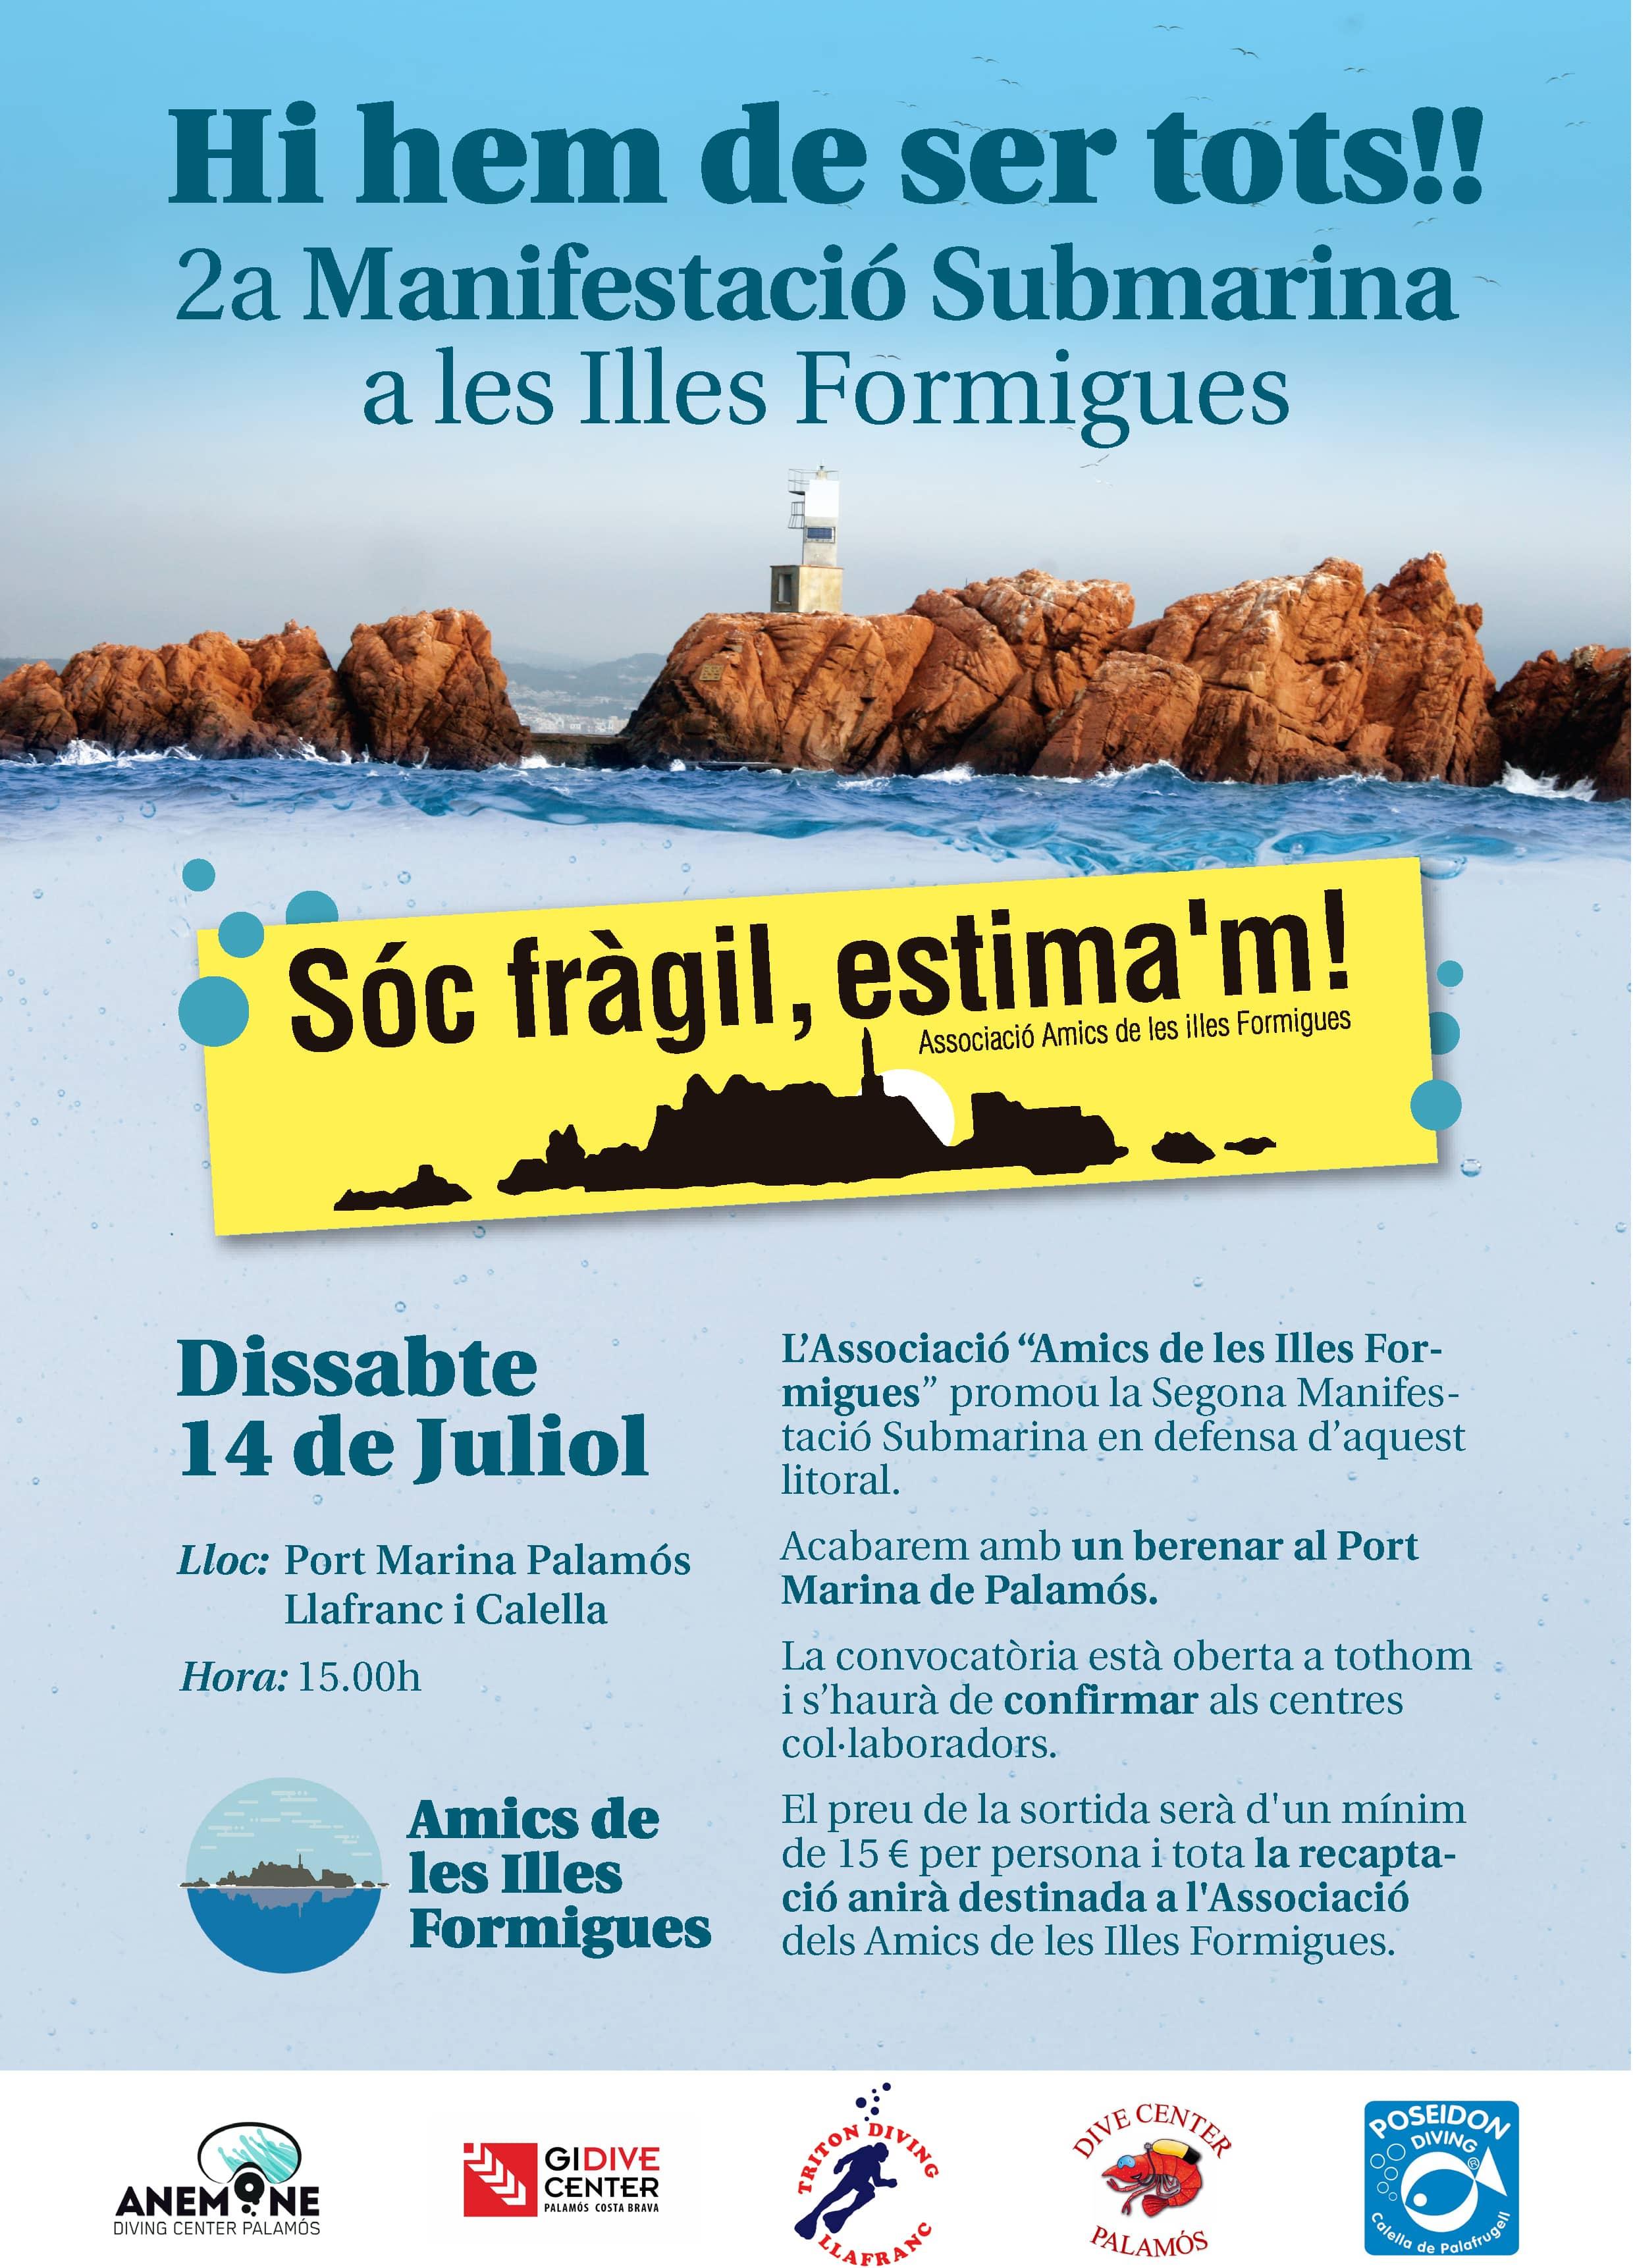 Segoma-Manifestació-Amics-de-les-Illes-Formigues